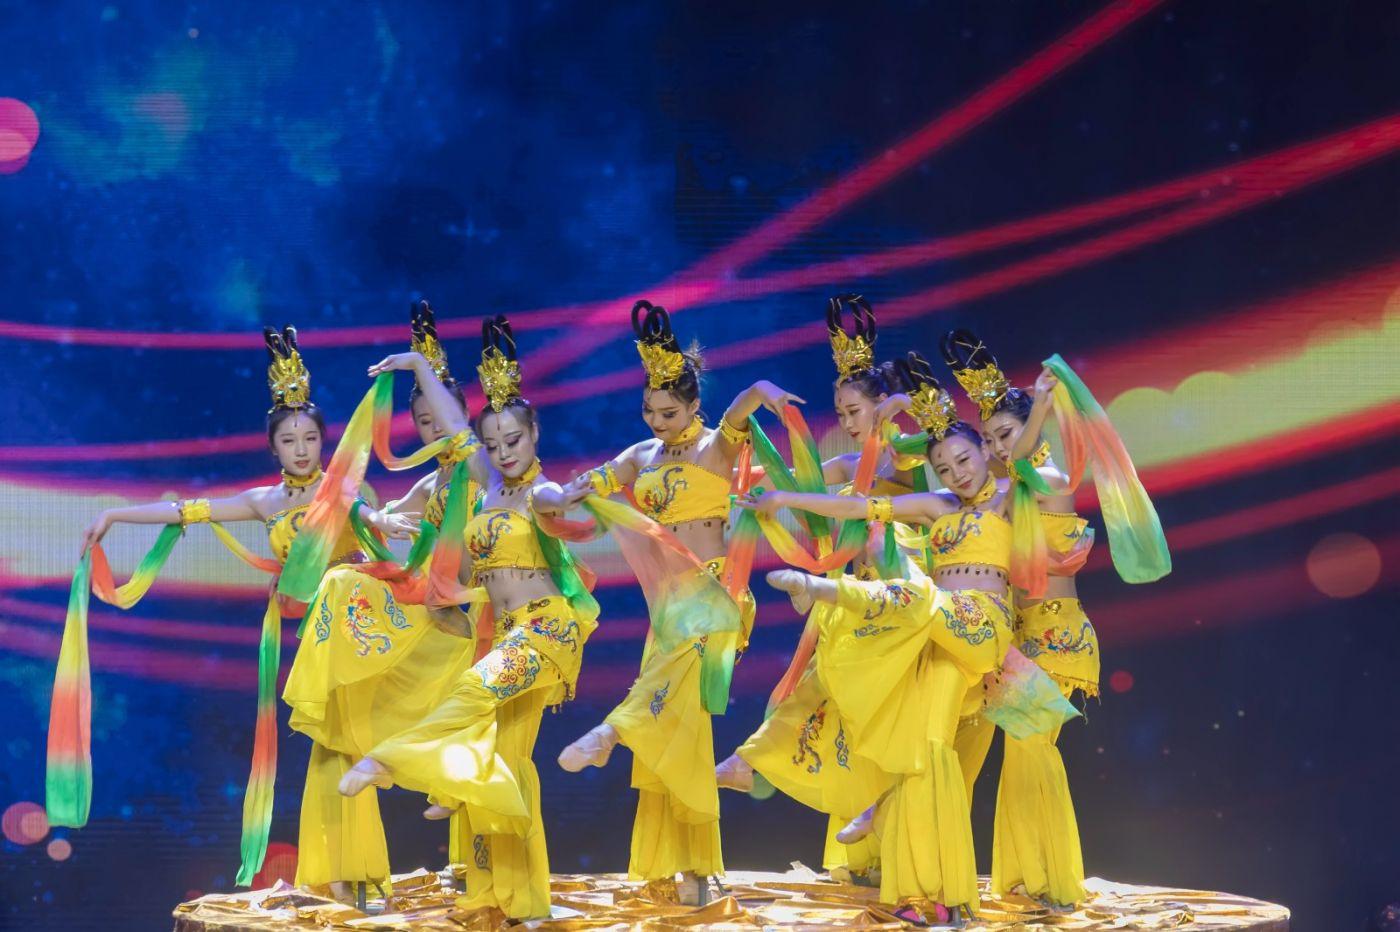 沂蒙大地上 有一种舞蹈叫飞天 这是几位临沂女孩的杰作 美轮美奂 ..._图1-28